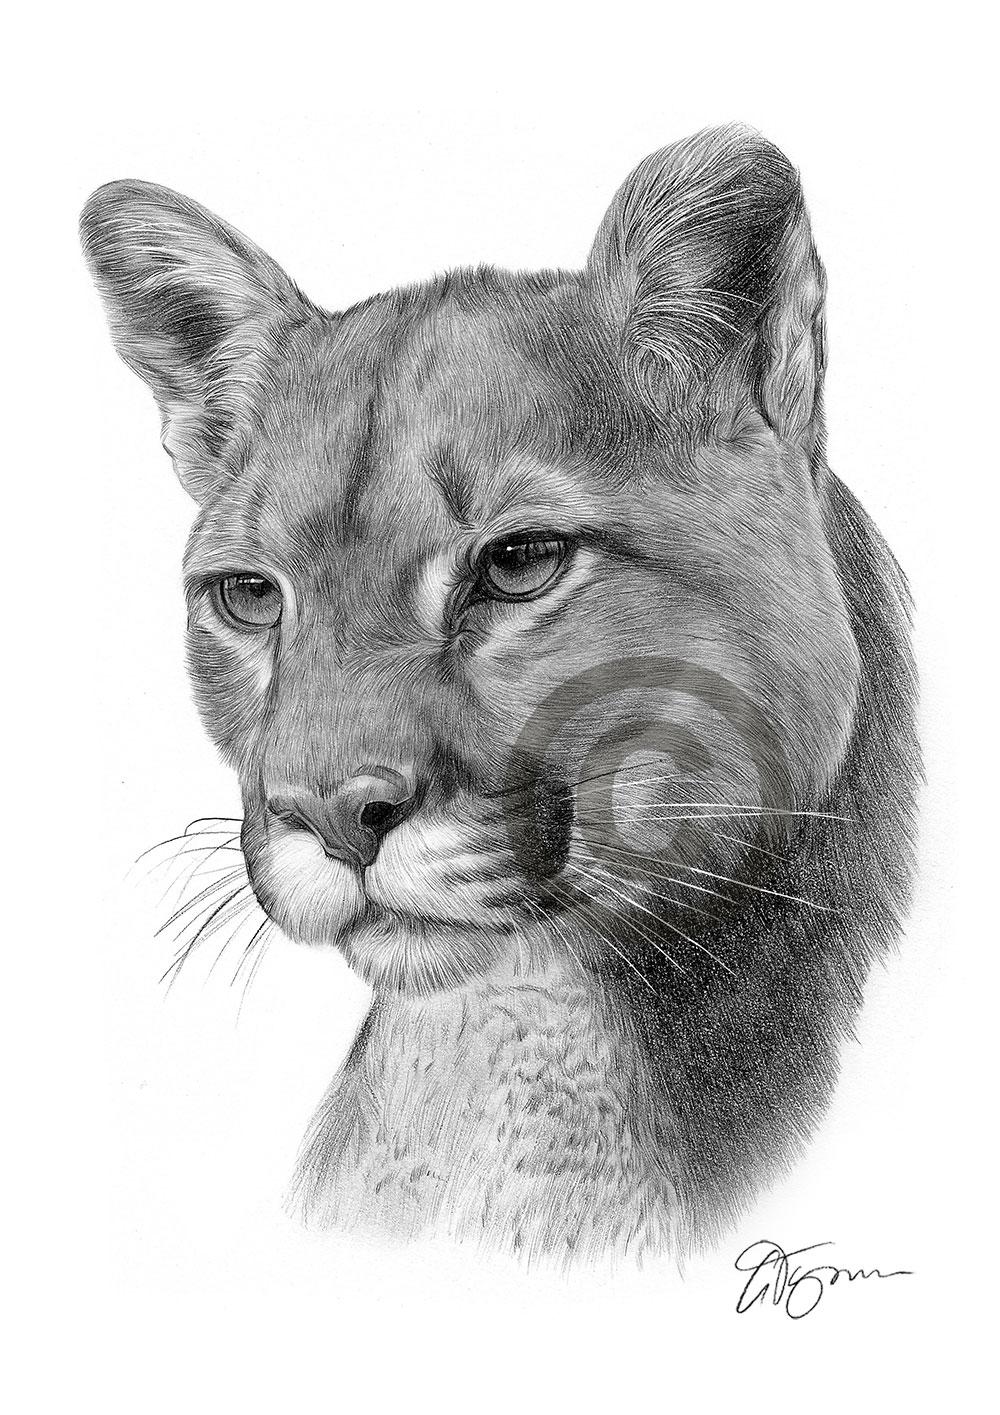 Puma cougar | Etsy